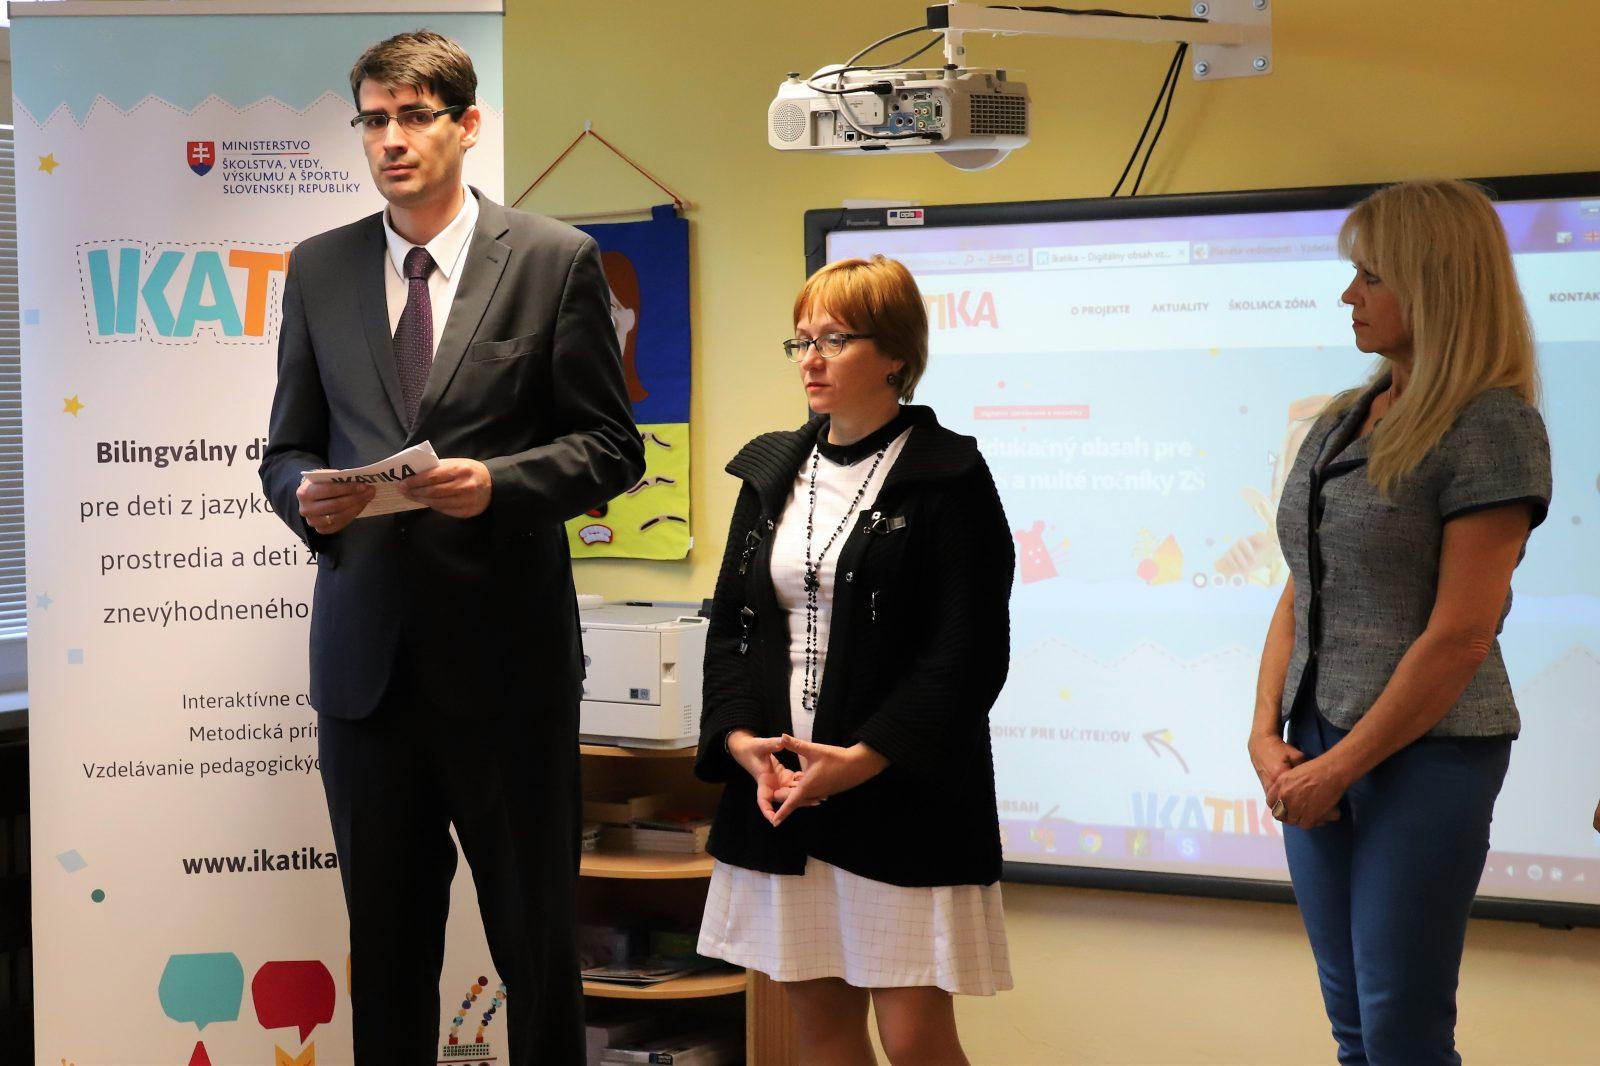 Pilotný projekt IKATIKA otestuje výučbu s digitálnym obsahom v jazyku menšín